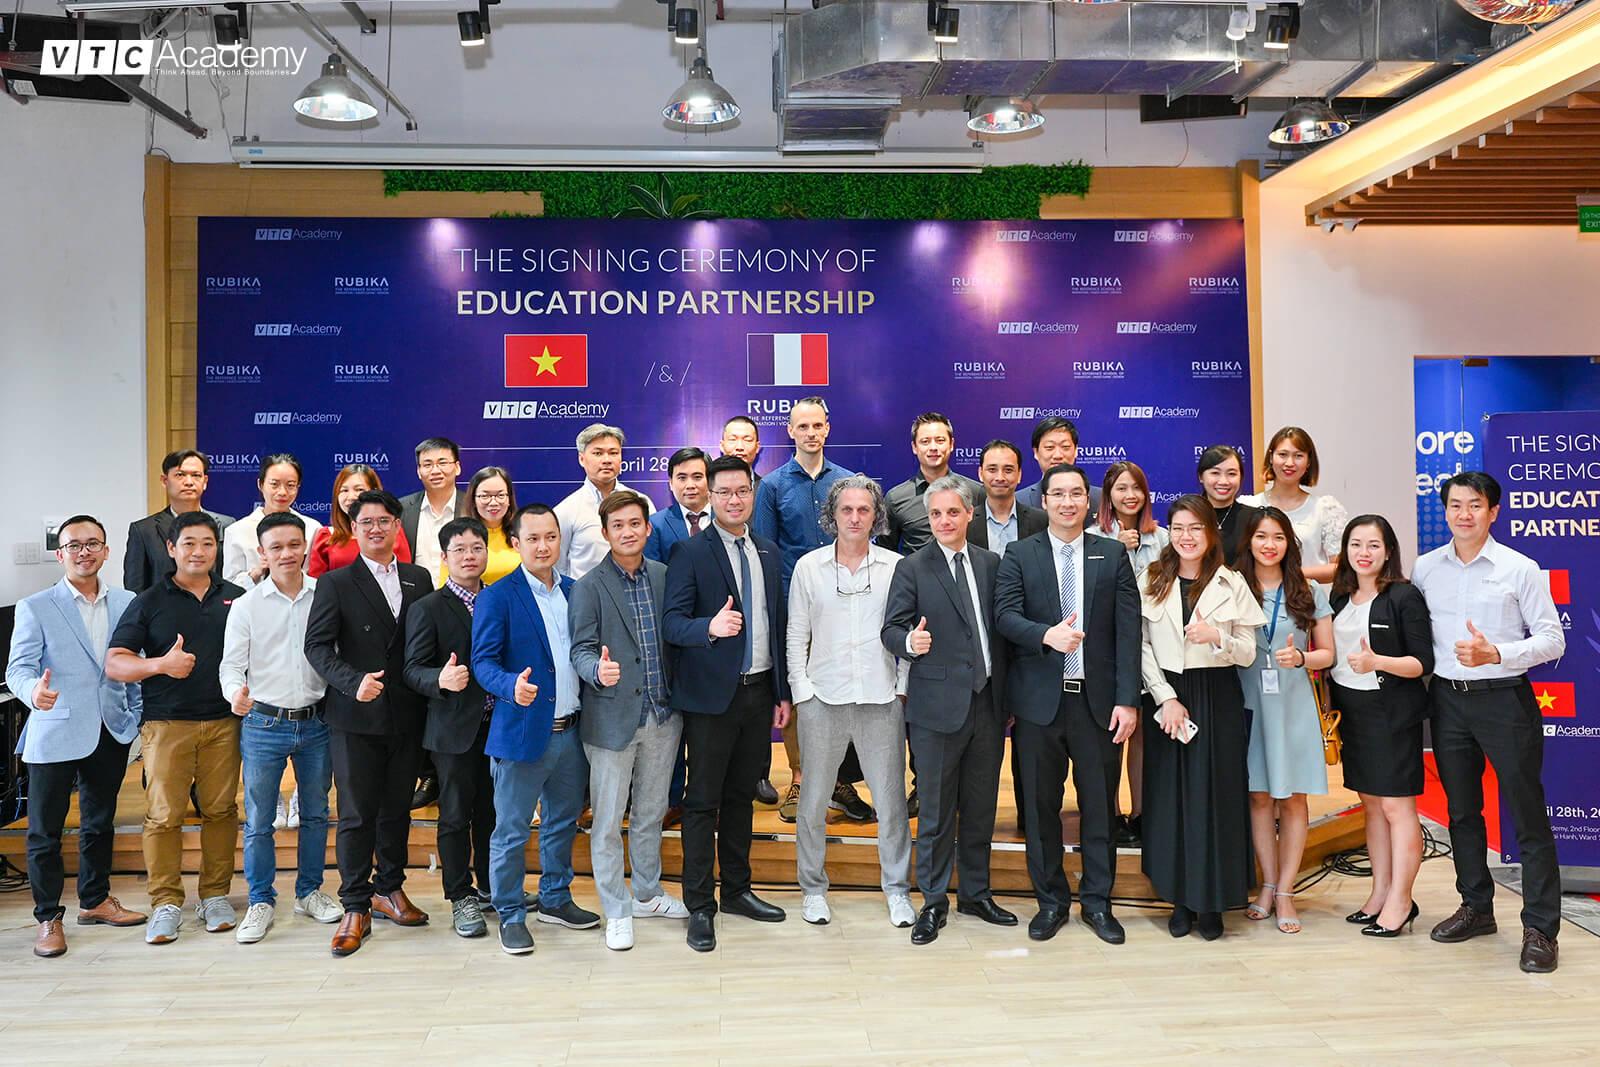 HTV9: Tăng cường hợp tác giáo dục Việt – Pháp cùng lễ ký kết đào tạo liên thông giữa VTC Academy – RUBIKA